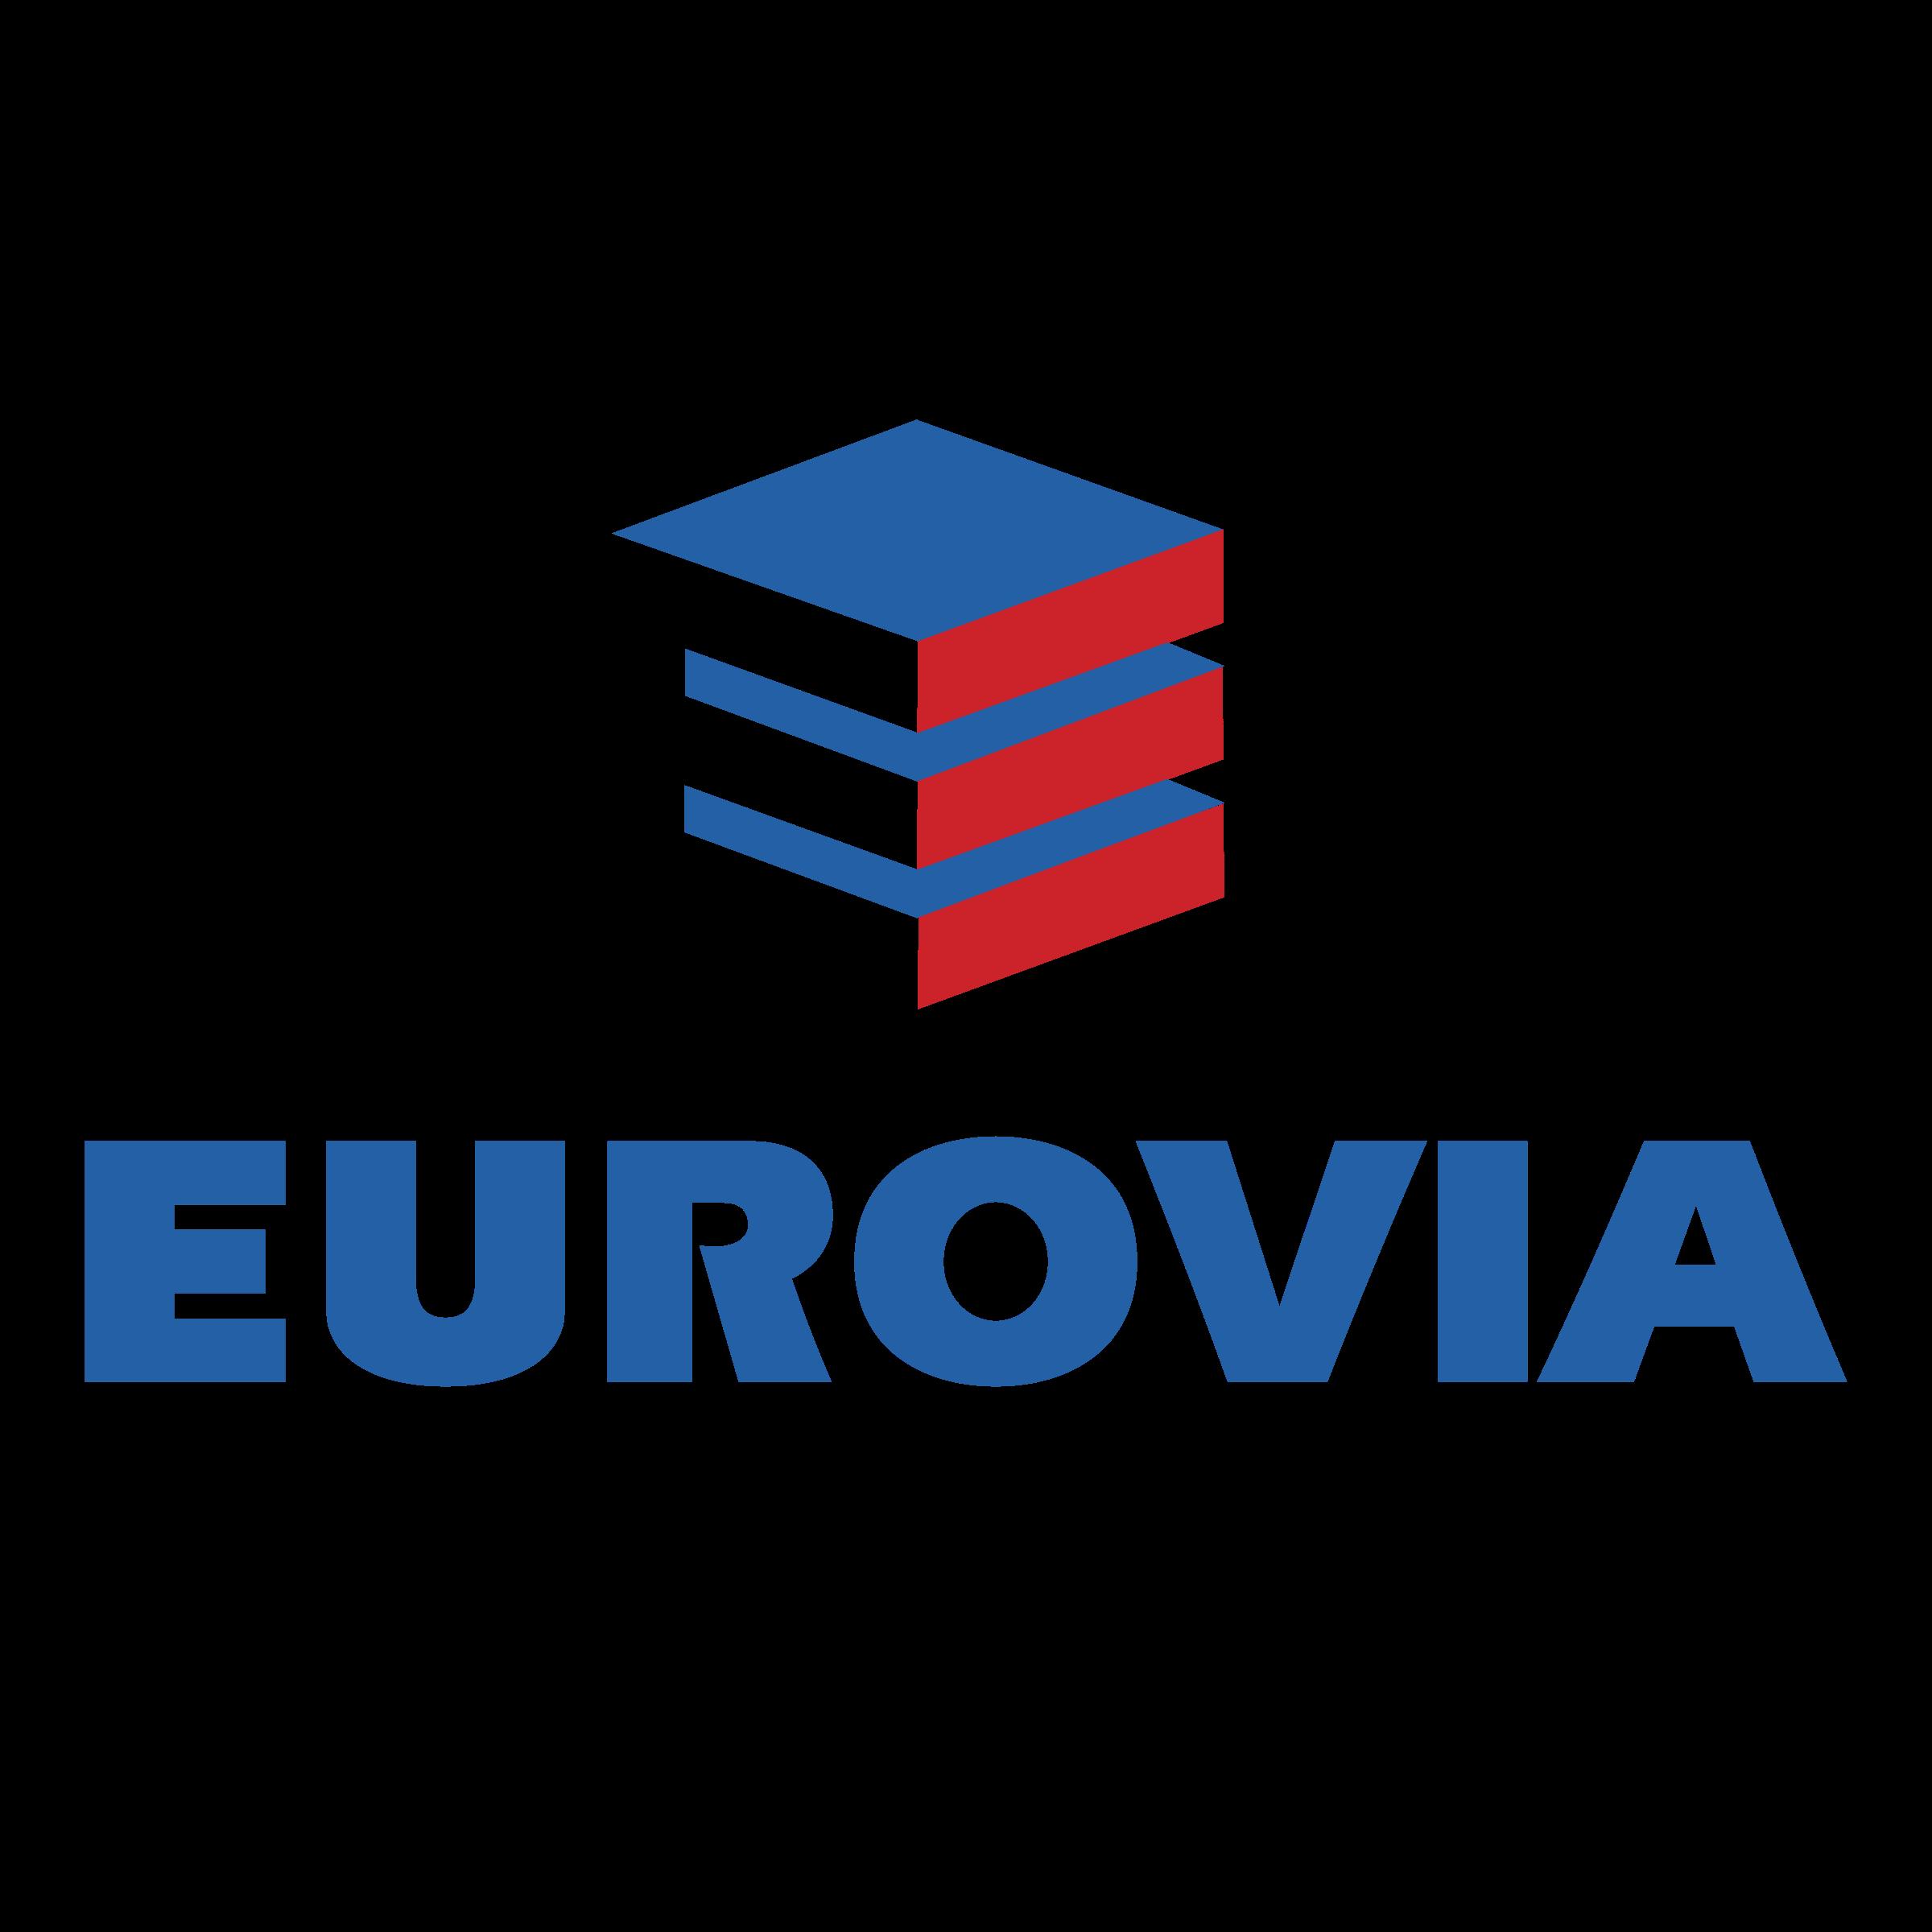 eurovia logo png transparent amp svg vector freebie supply